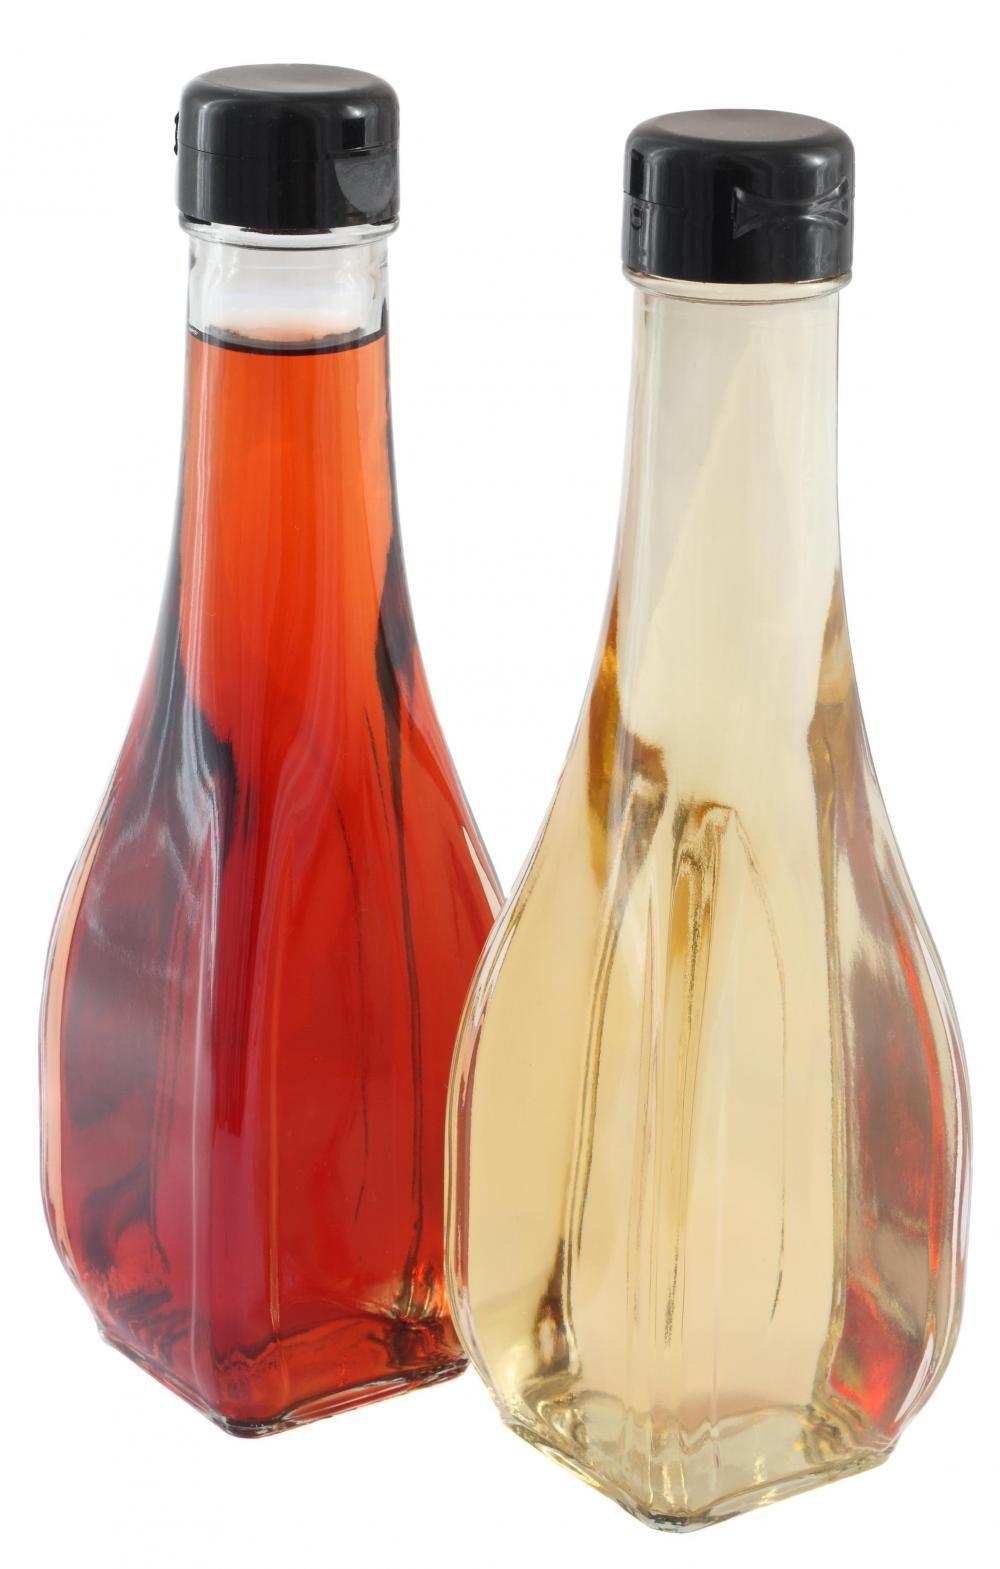 White Vinegar Or Red Wine Vinegar Vinegar For Sunburn Sunburn Treatment Natural Remedies For Sunburn